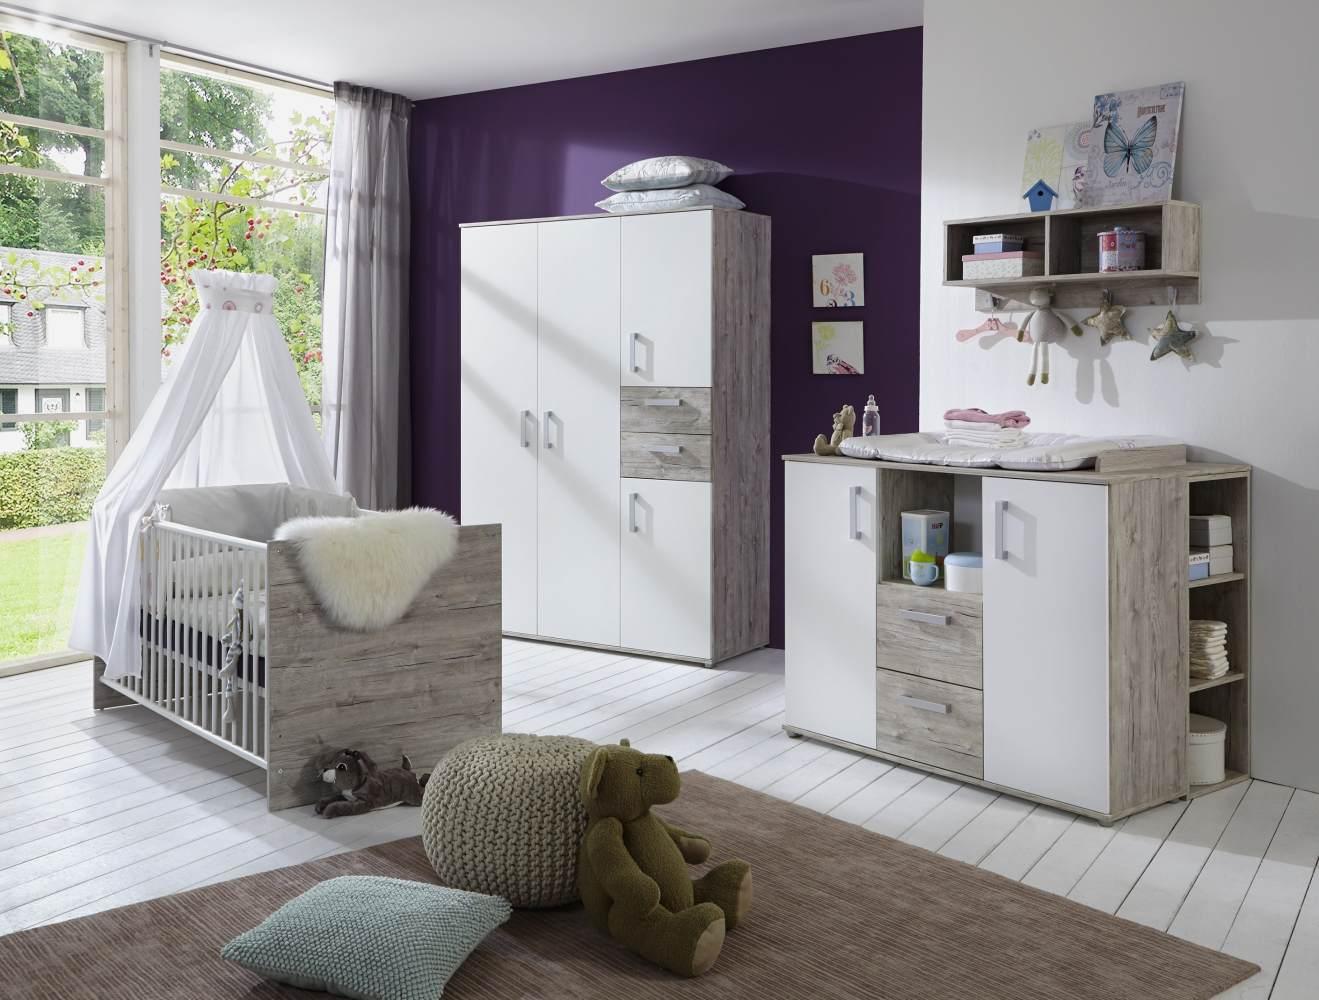 Arthur Berndt 'Bente' Babyzimmer Komplettset 3-teilig, Kinderbett (70 x 140 cm), Wickelkommode mit Aufsatzseiten und Kleiderschrank Eiche Sand / Weiß Bild 1